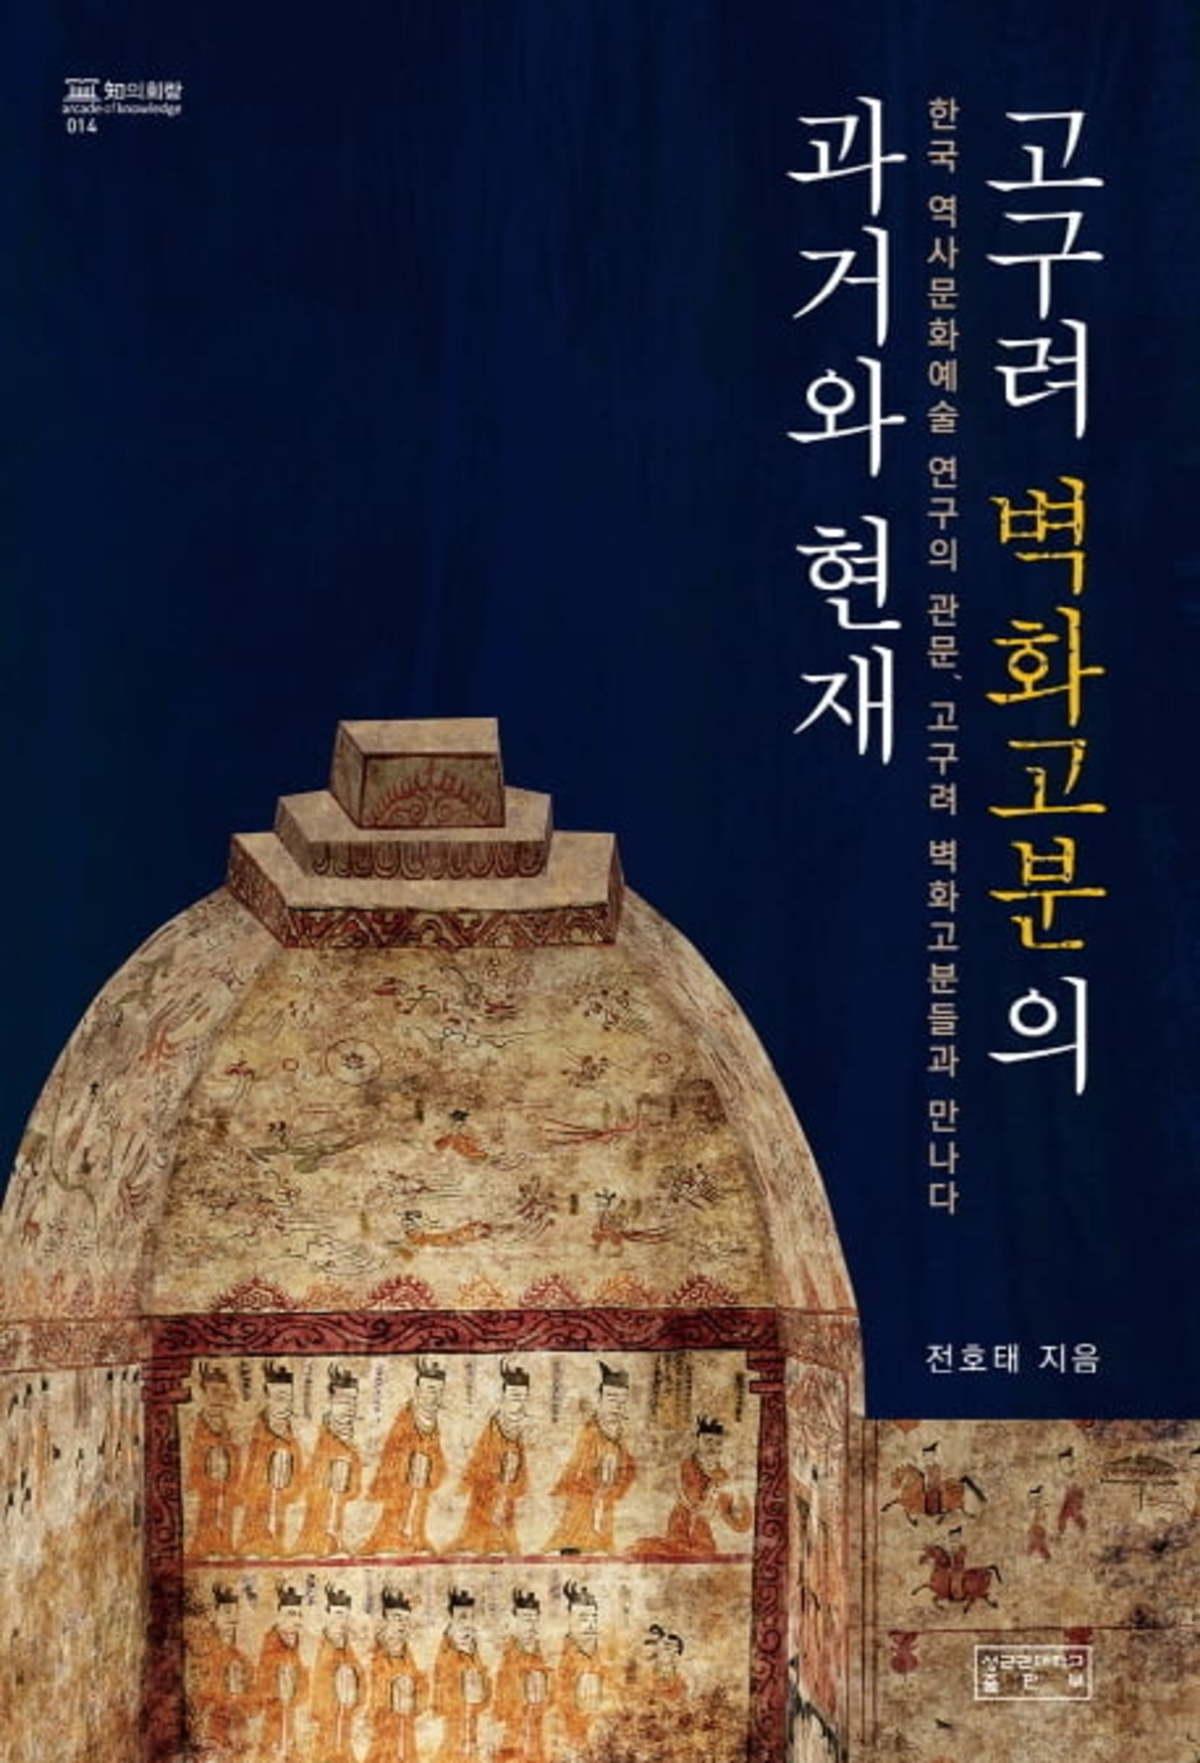 신간 고구려 벽화고분의 과거와 현재 | 한경닷컴